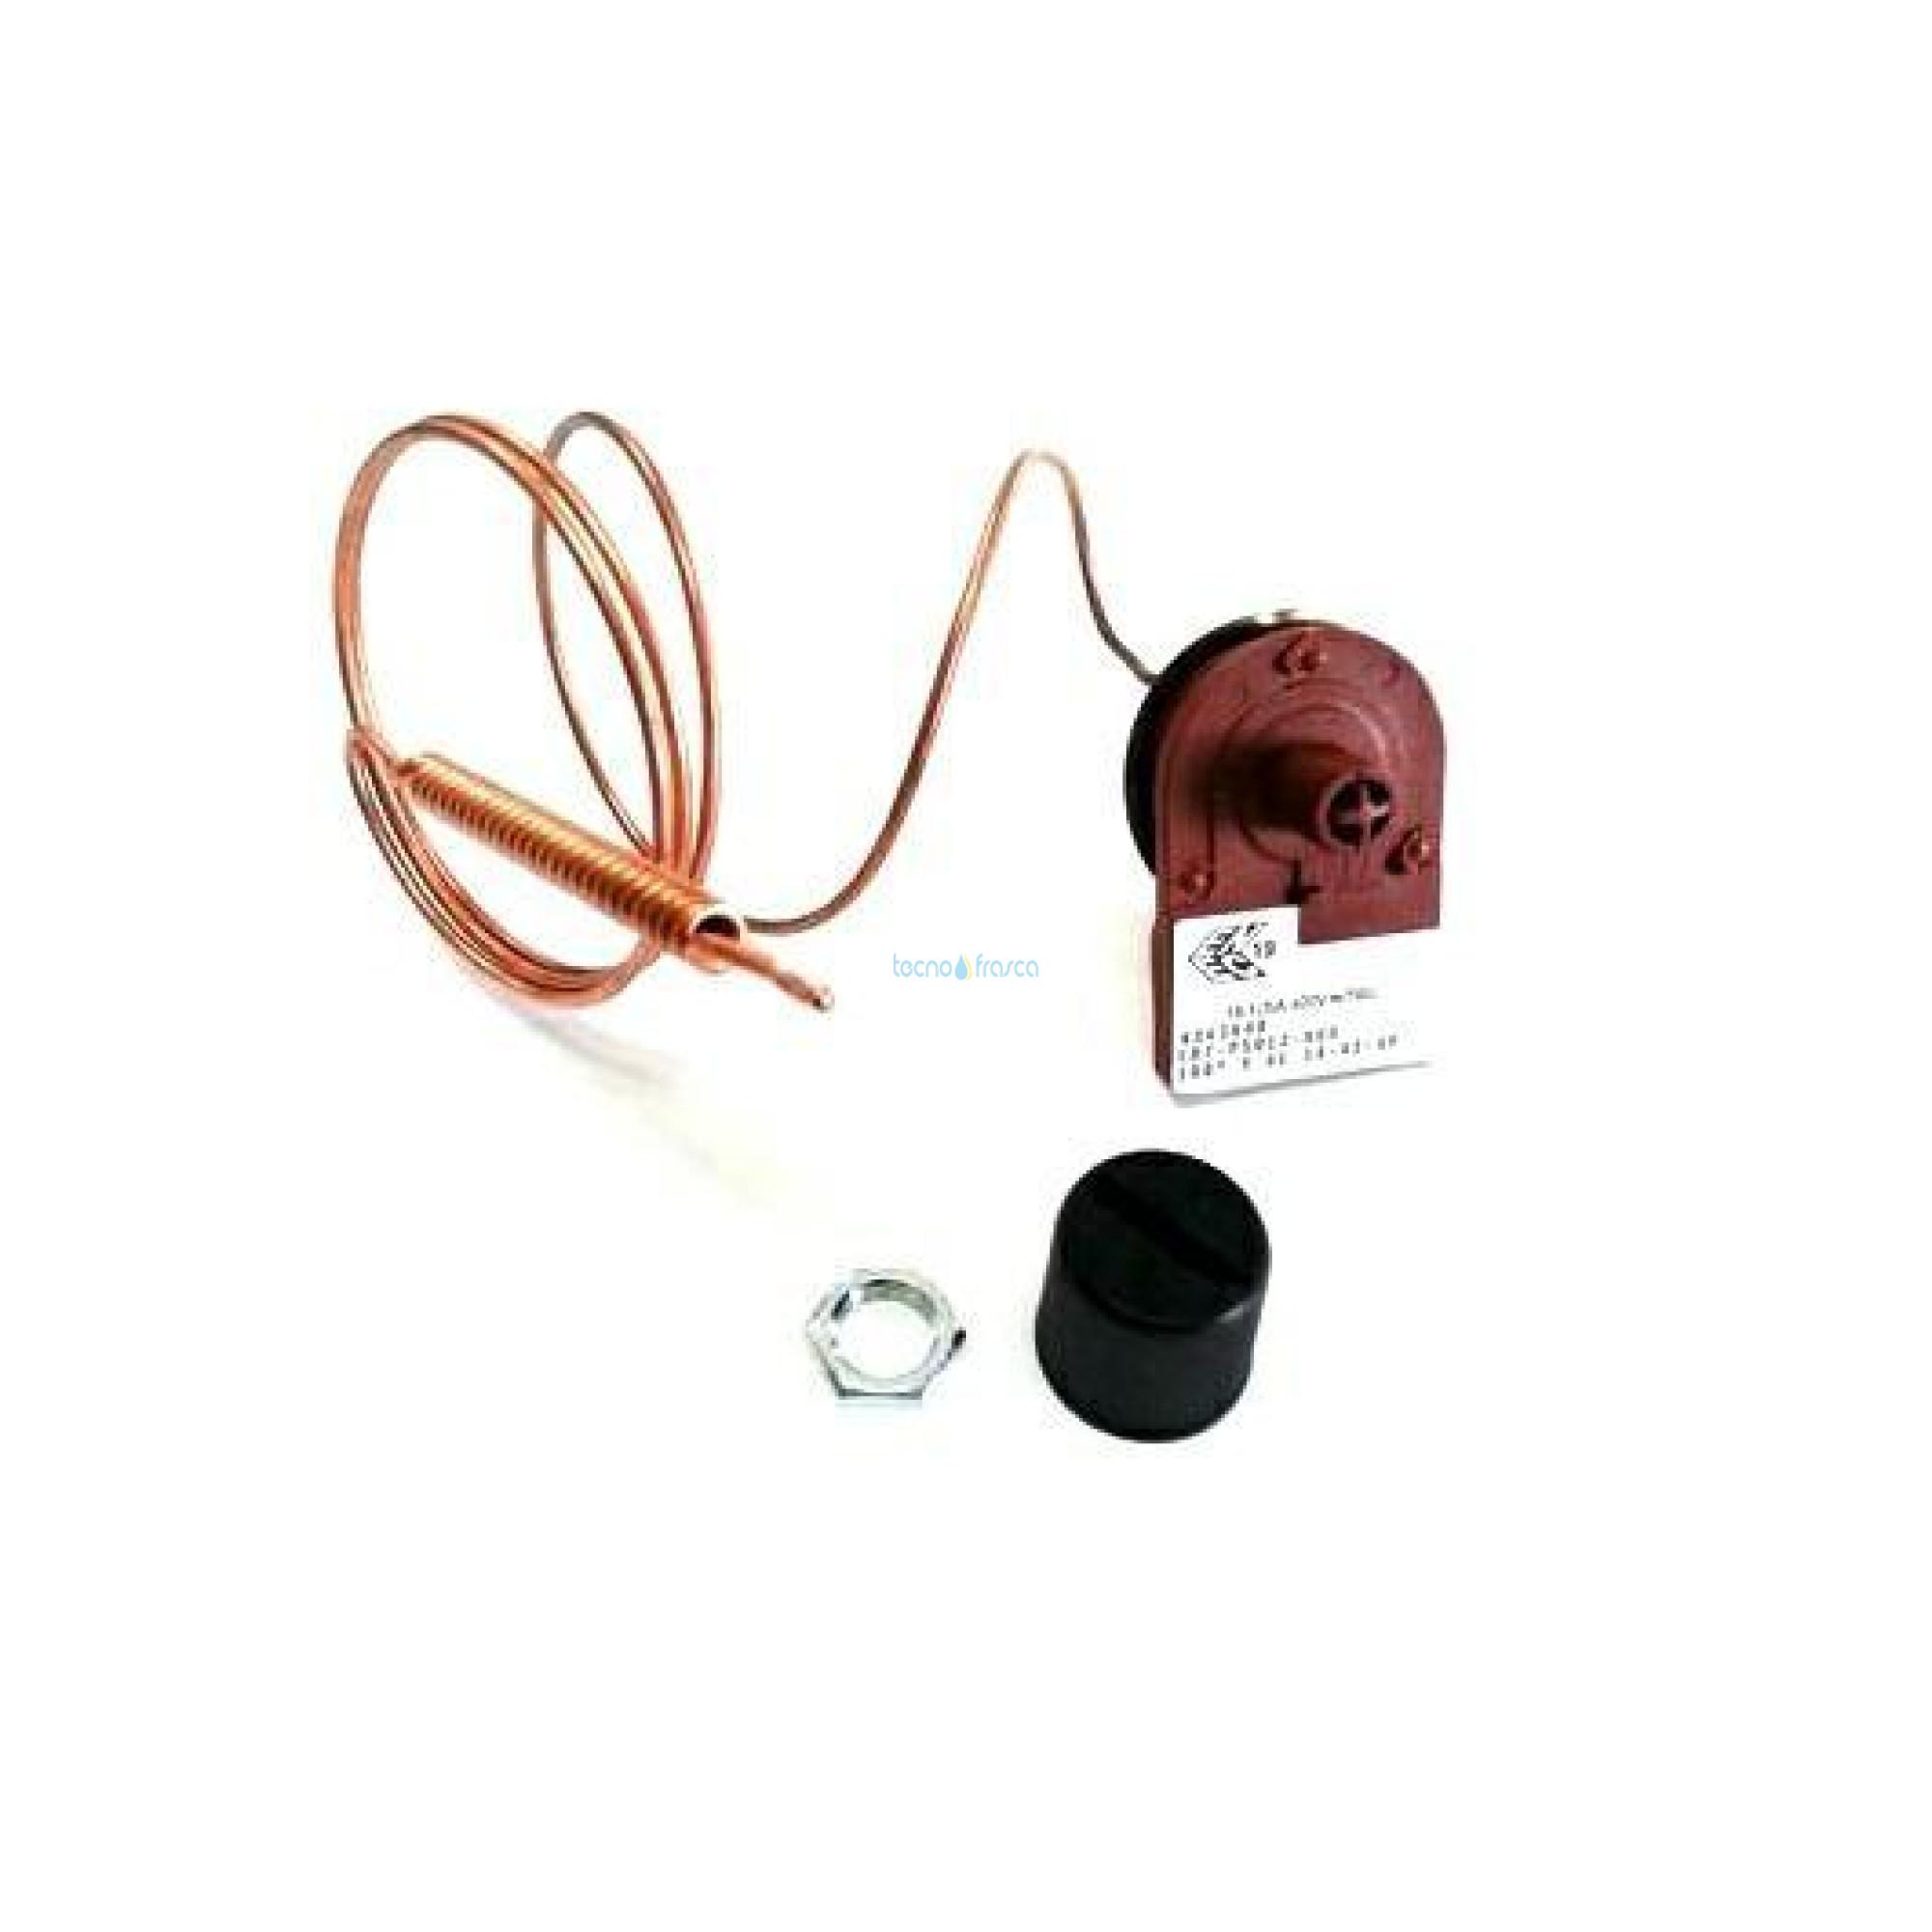 Sylber termostato di sicurezza r3409